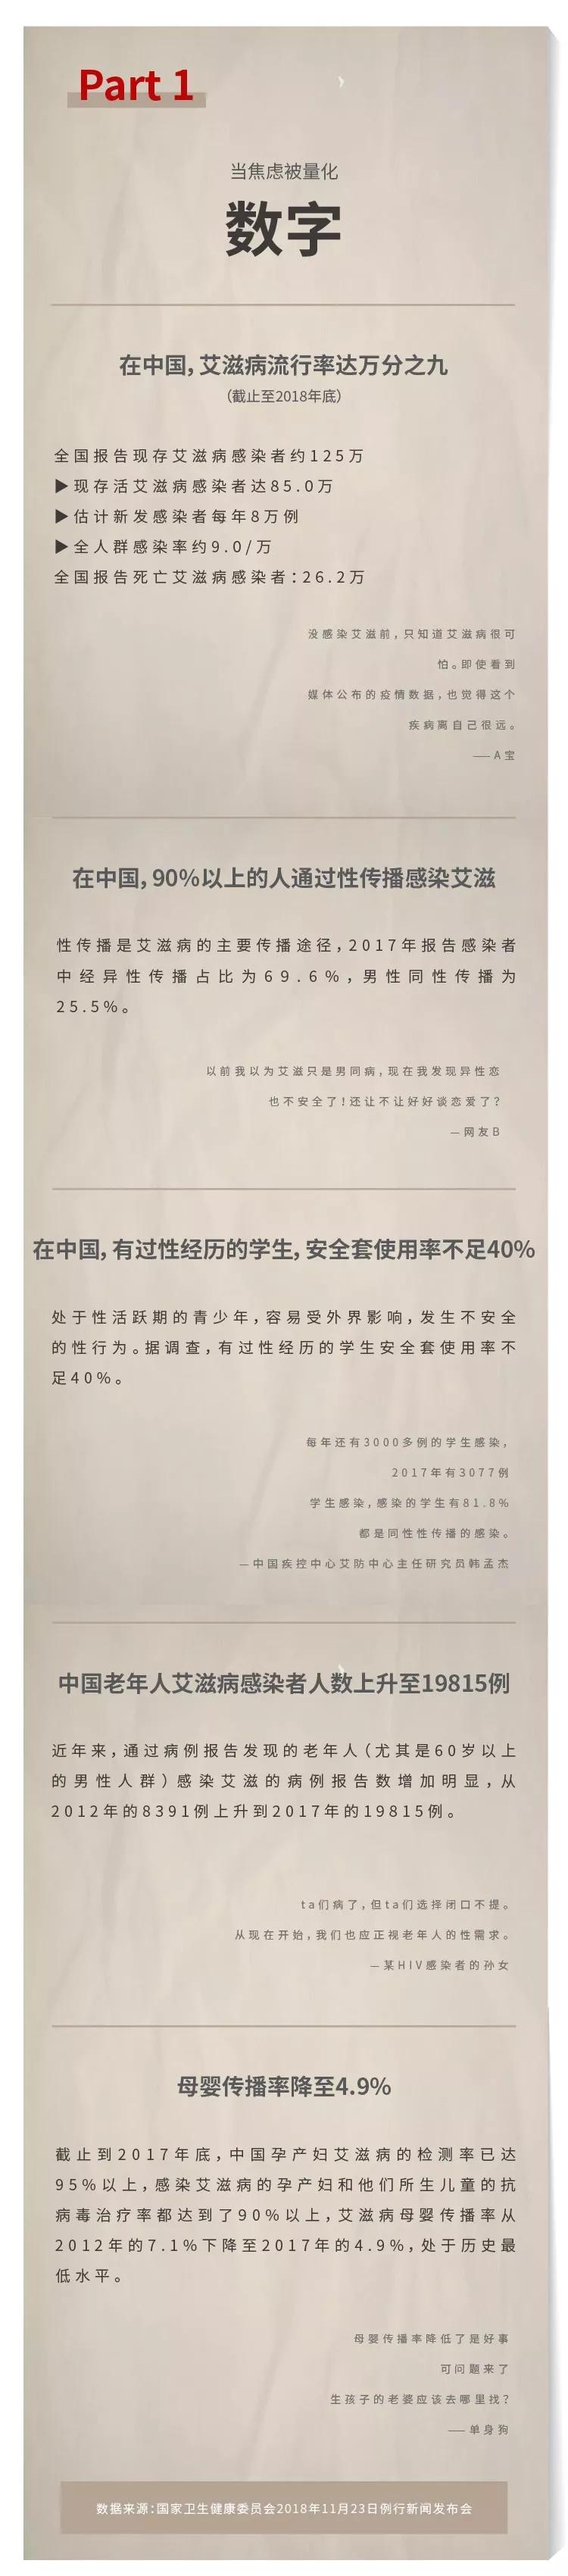 在中国艾滋病流行率达万分之九